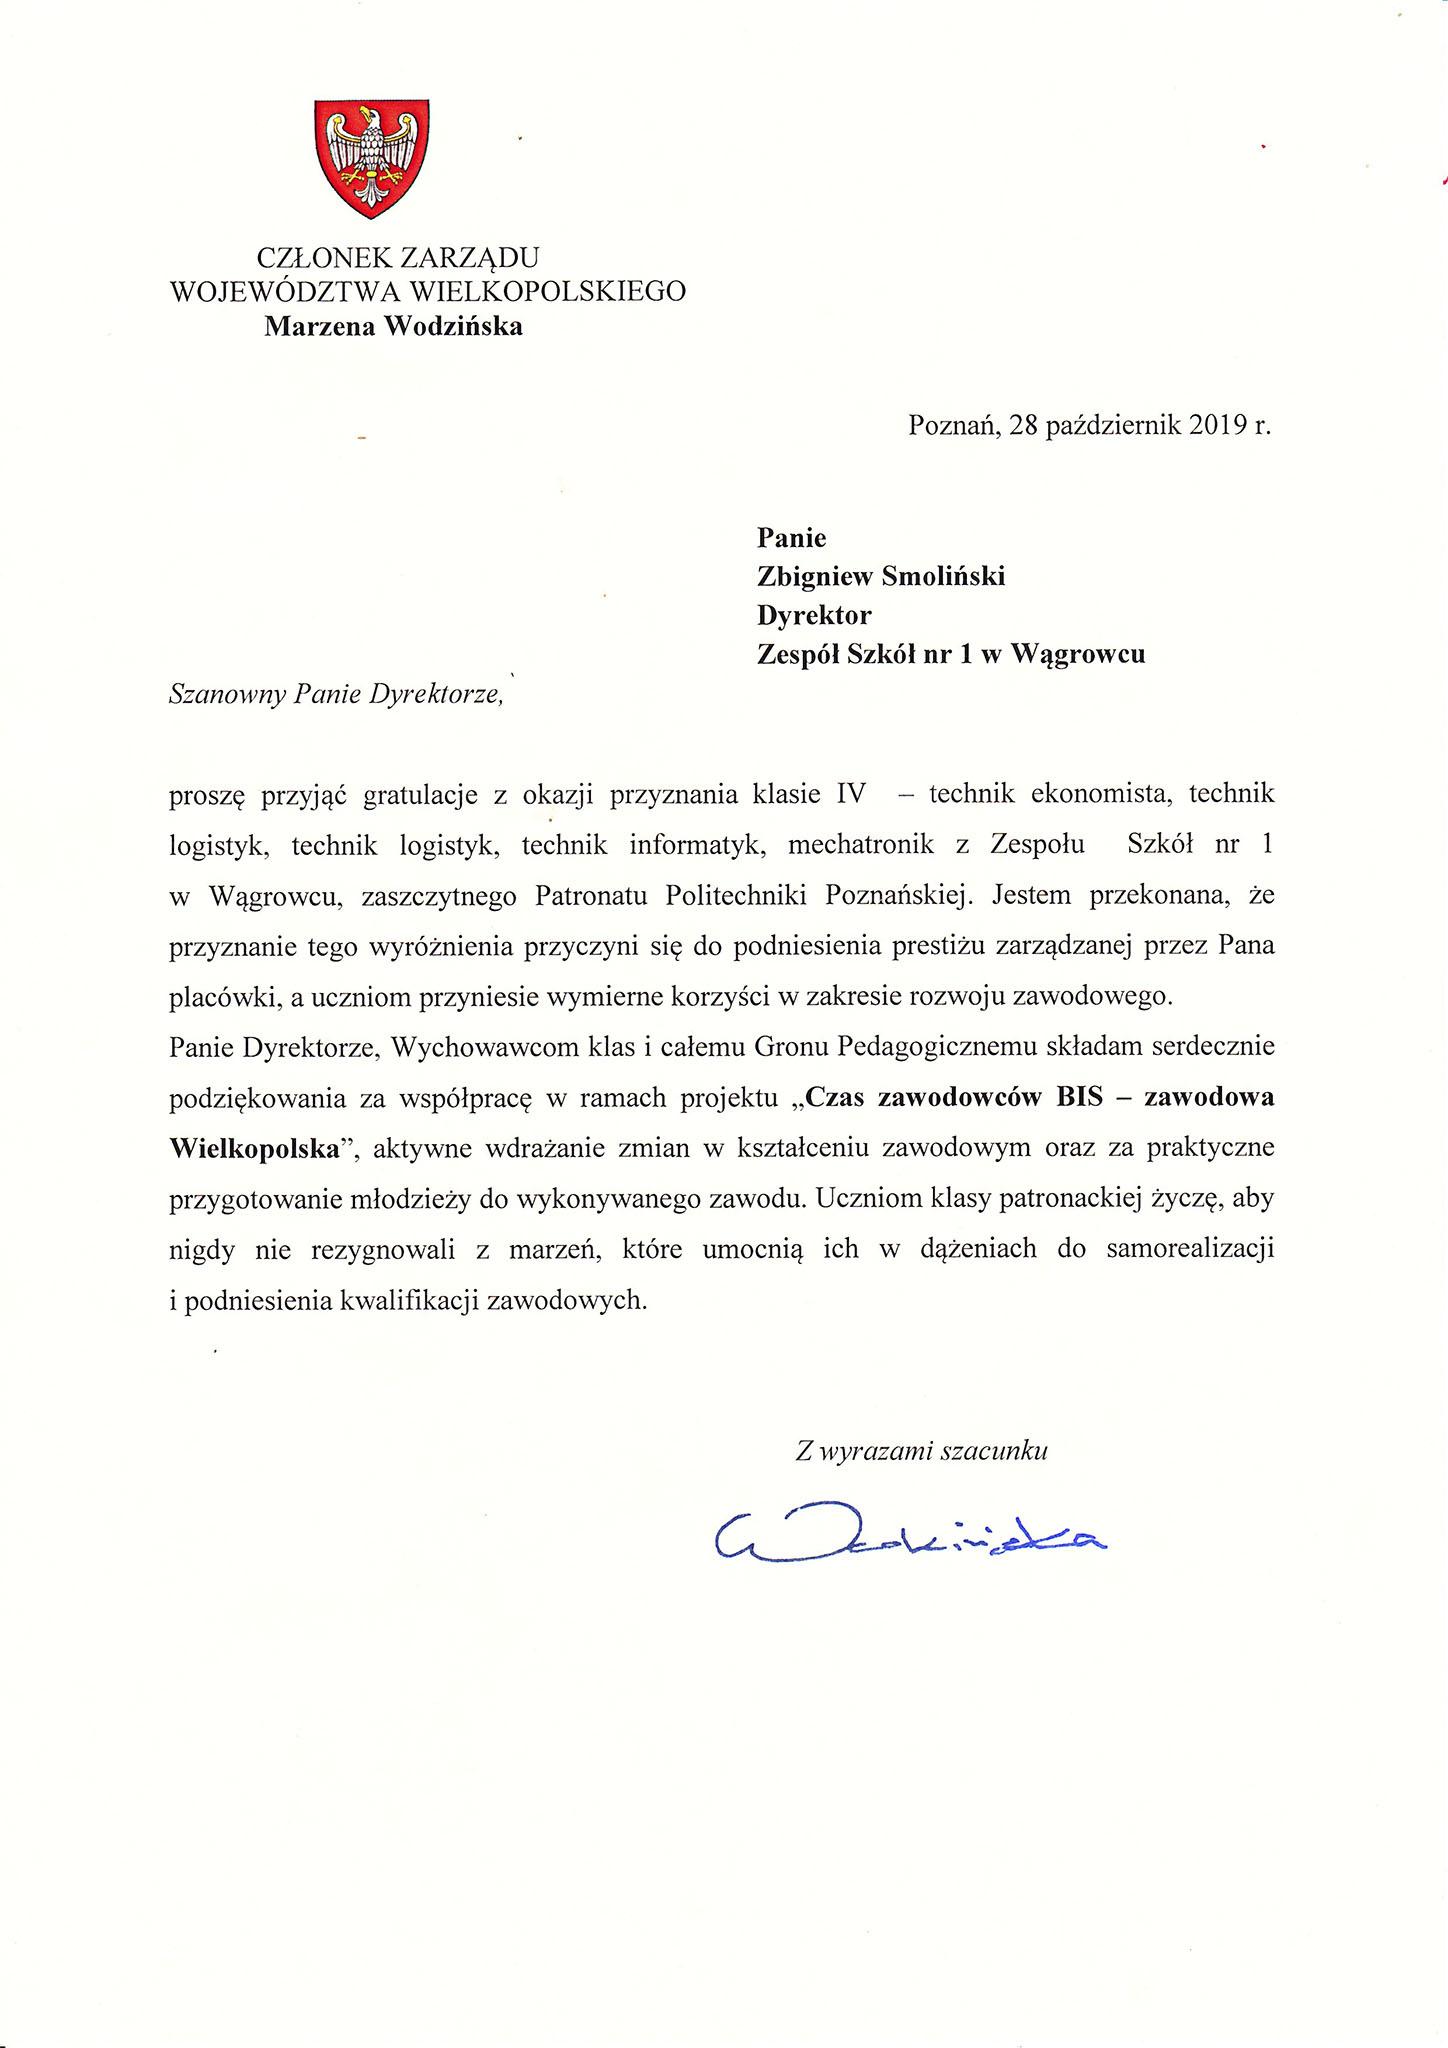 patronat politechniki poznańskiej